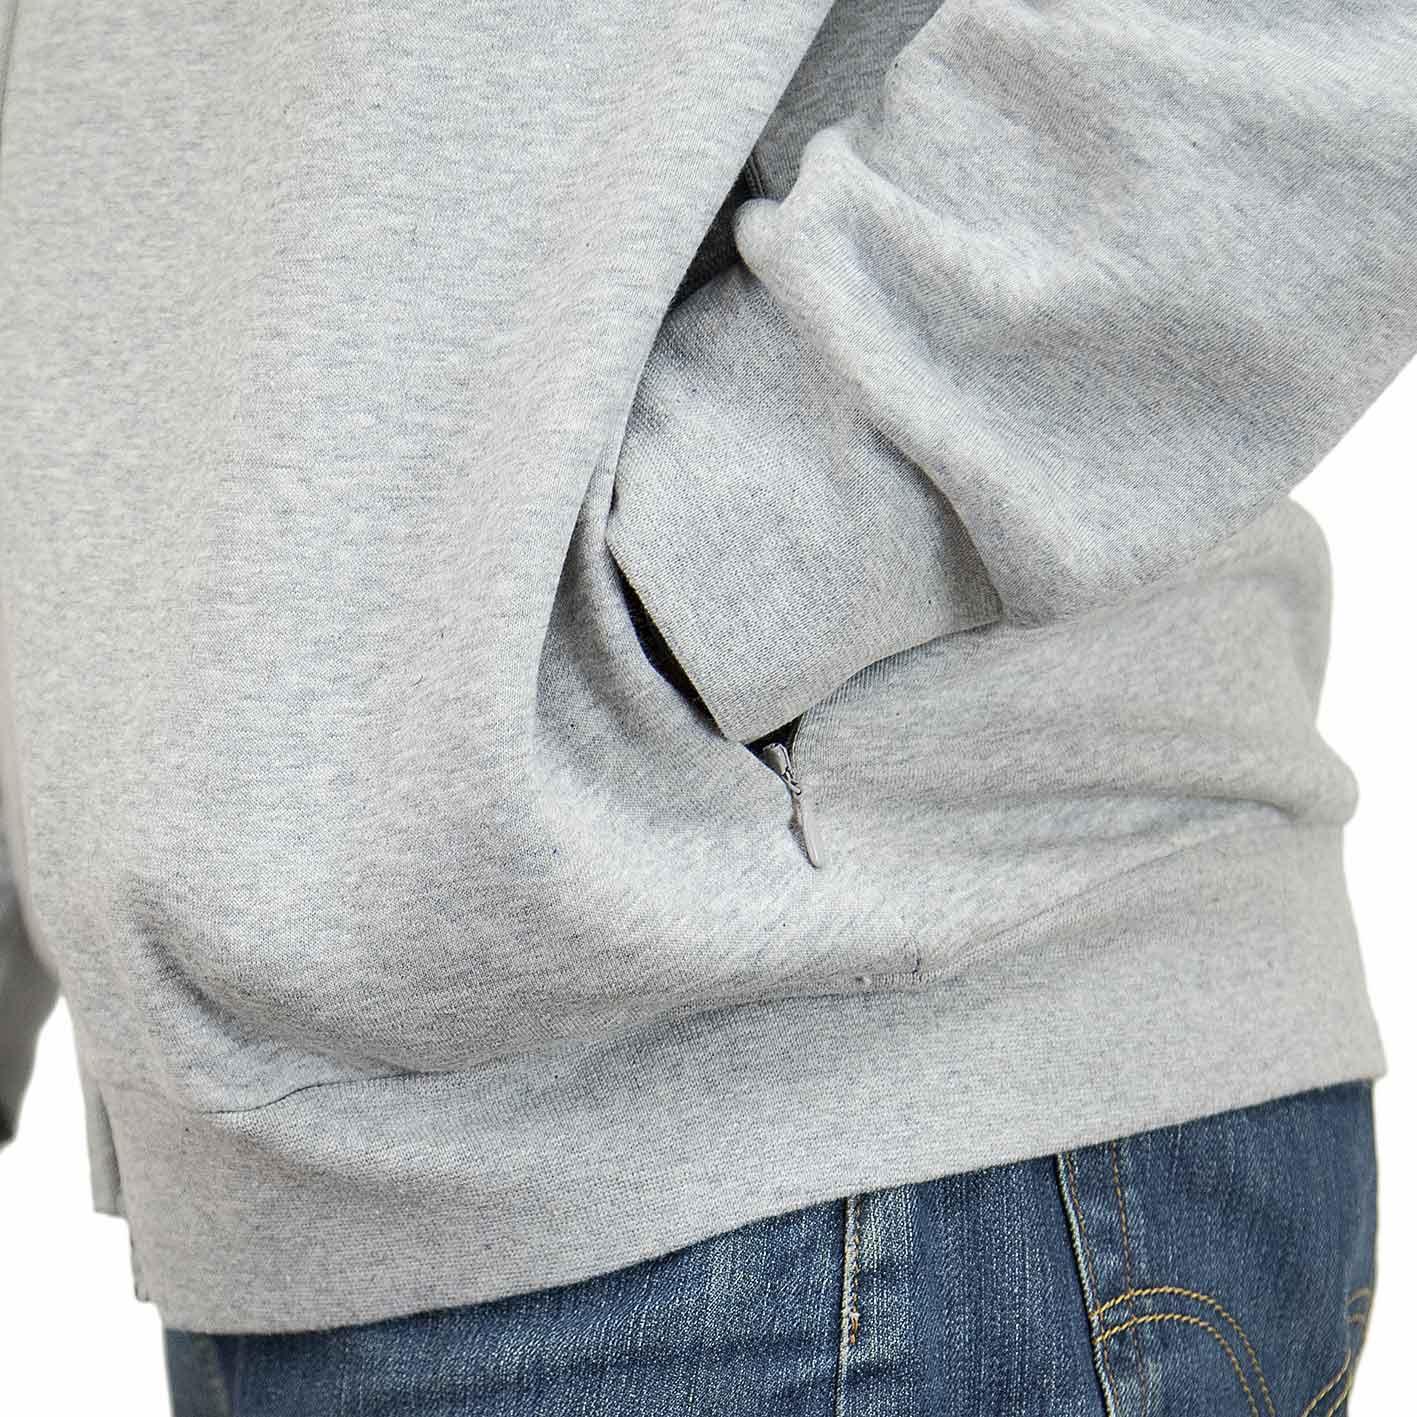 Adidas Originals Zip Hoody Trefoil Fleece grau